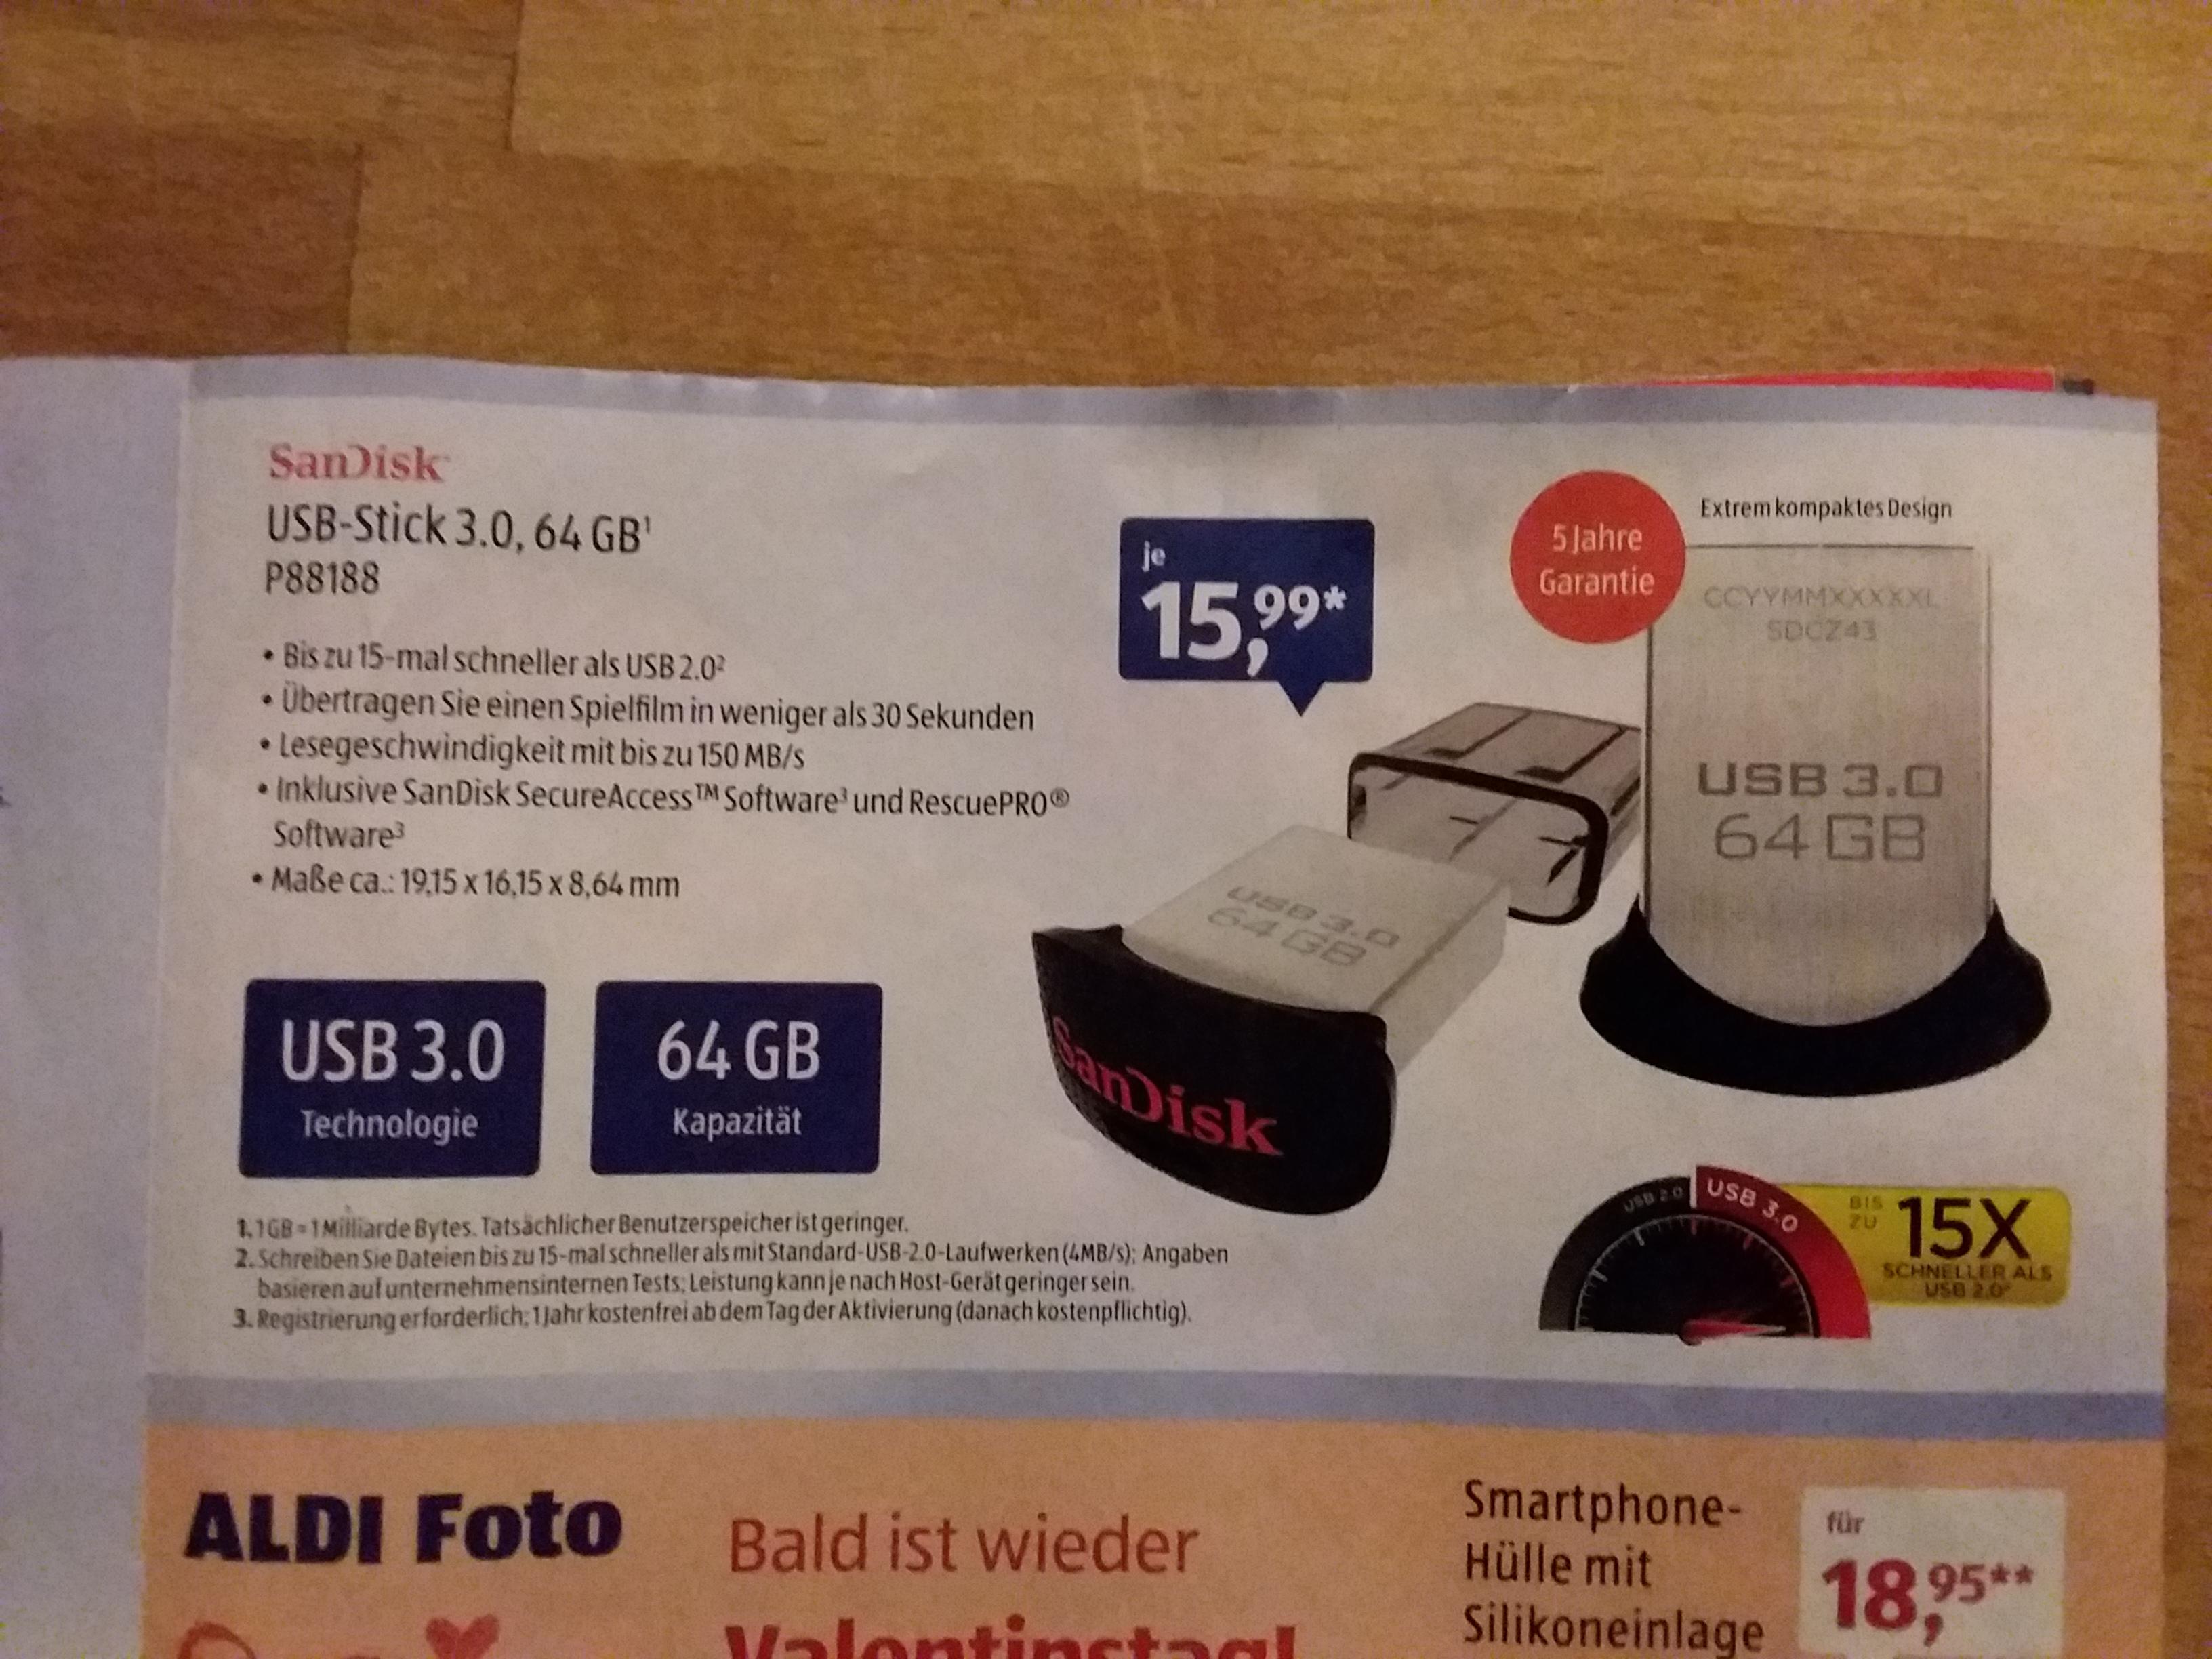 Sandisk USB-Stick 3.0, 64 GB Aldi Süd ab 26.01.